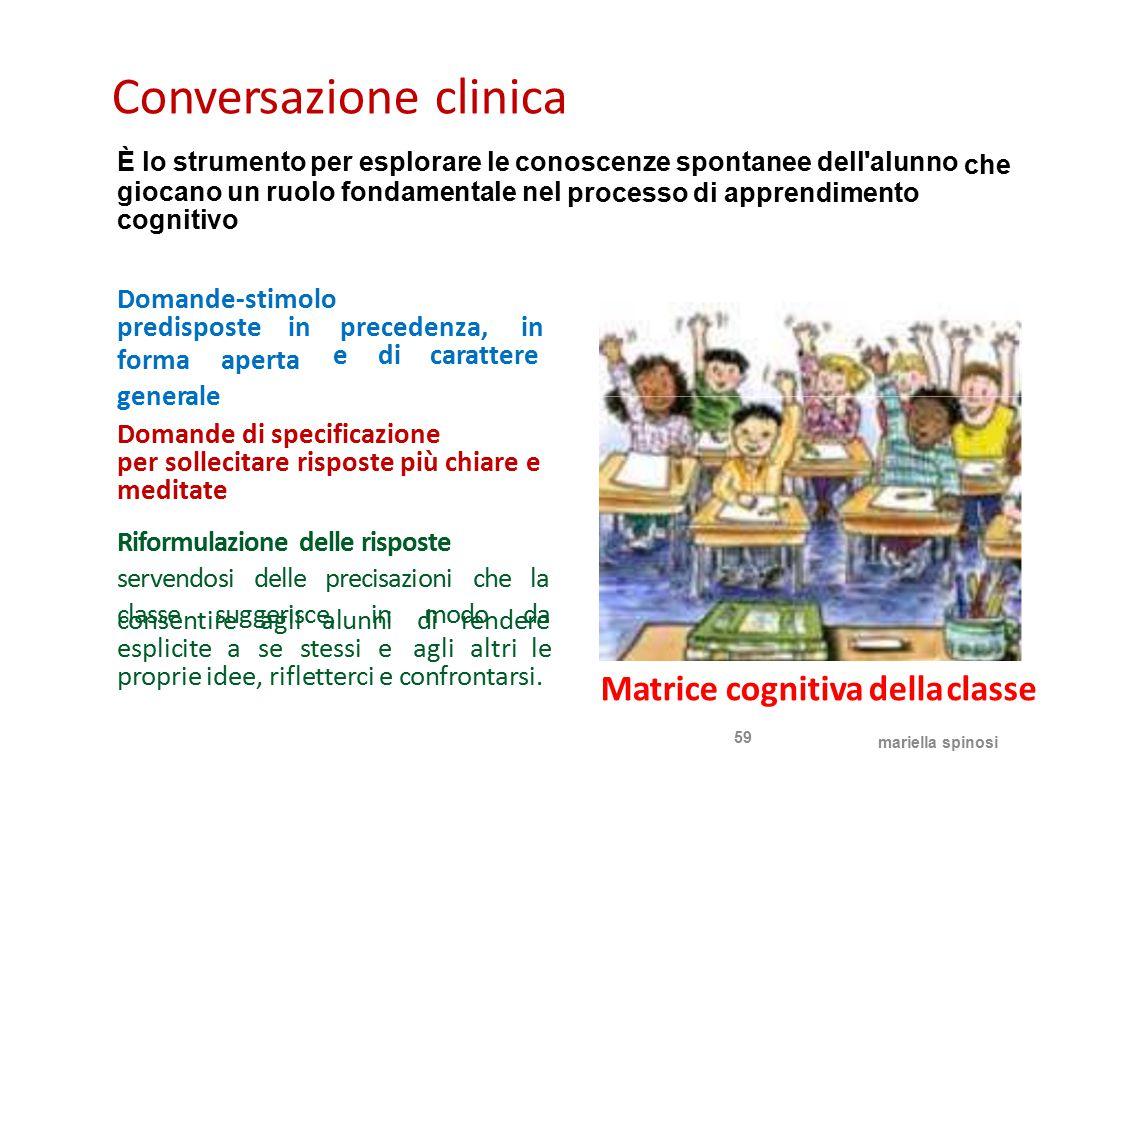 Conversazione clinica È lo strumento per esplorare le conoscenze spontanee dell'alunno che giocano un ruolo fondamentale nel cognitivo processodiappre